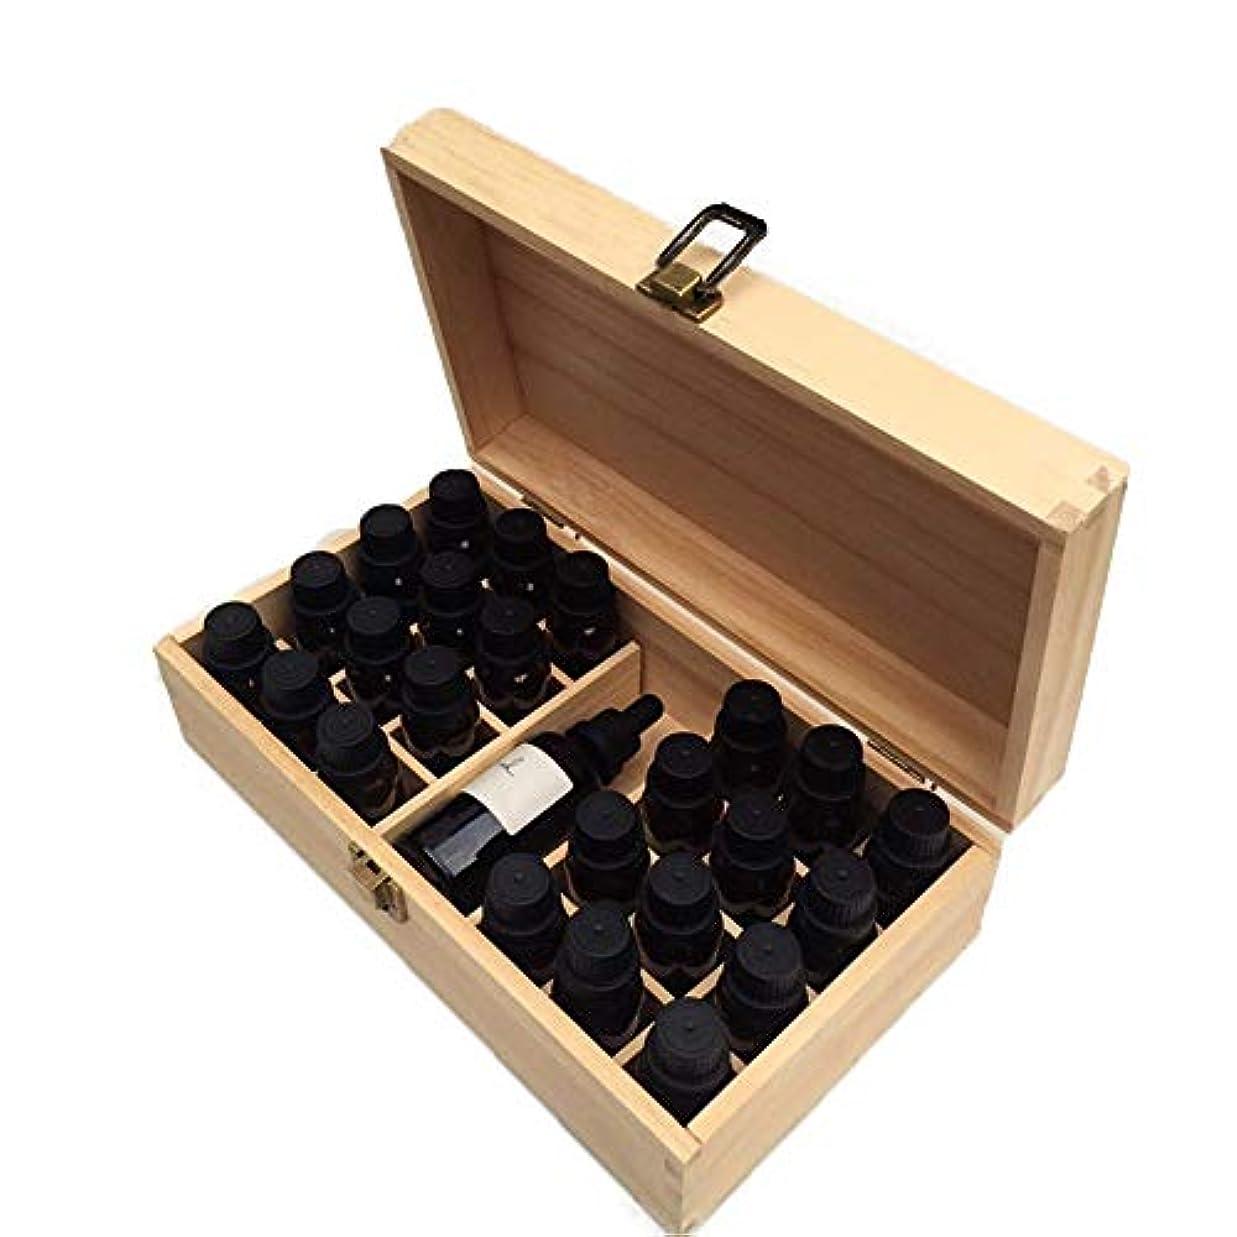 登録するアカウントポーズエッセンシャルオイルの保管 ストレージボックスでは、安全に油を維持するためのベストハンドル25のボトル木製のエッセンシャルオイル (色 : Natural, サイズ : 27X15X9CM)